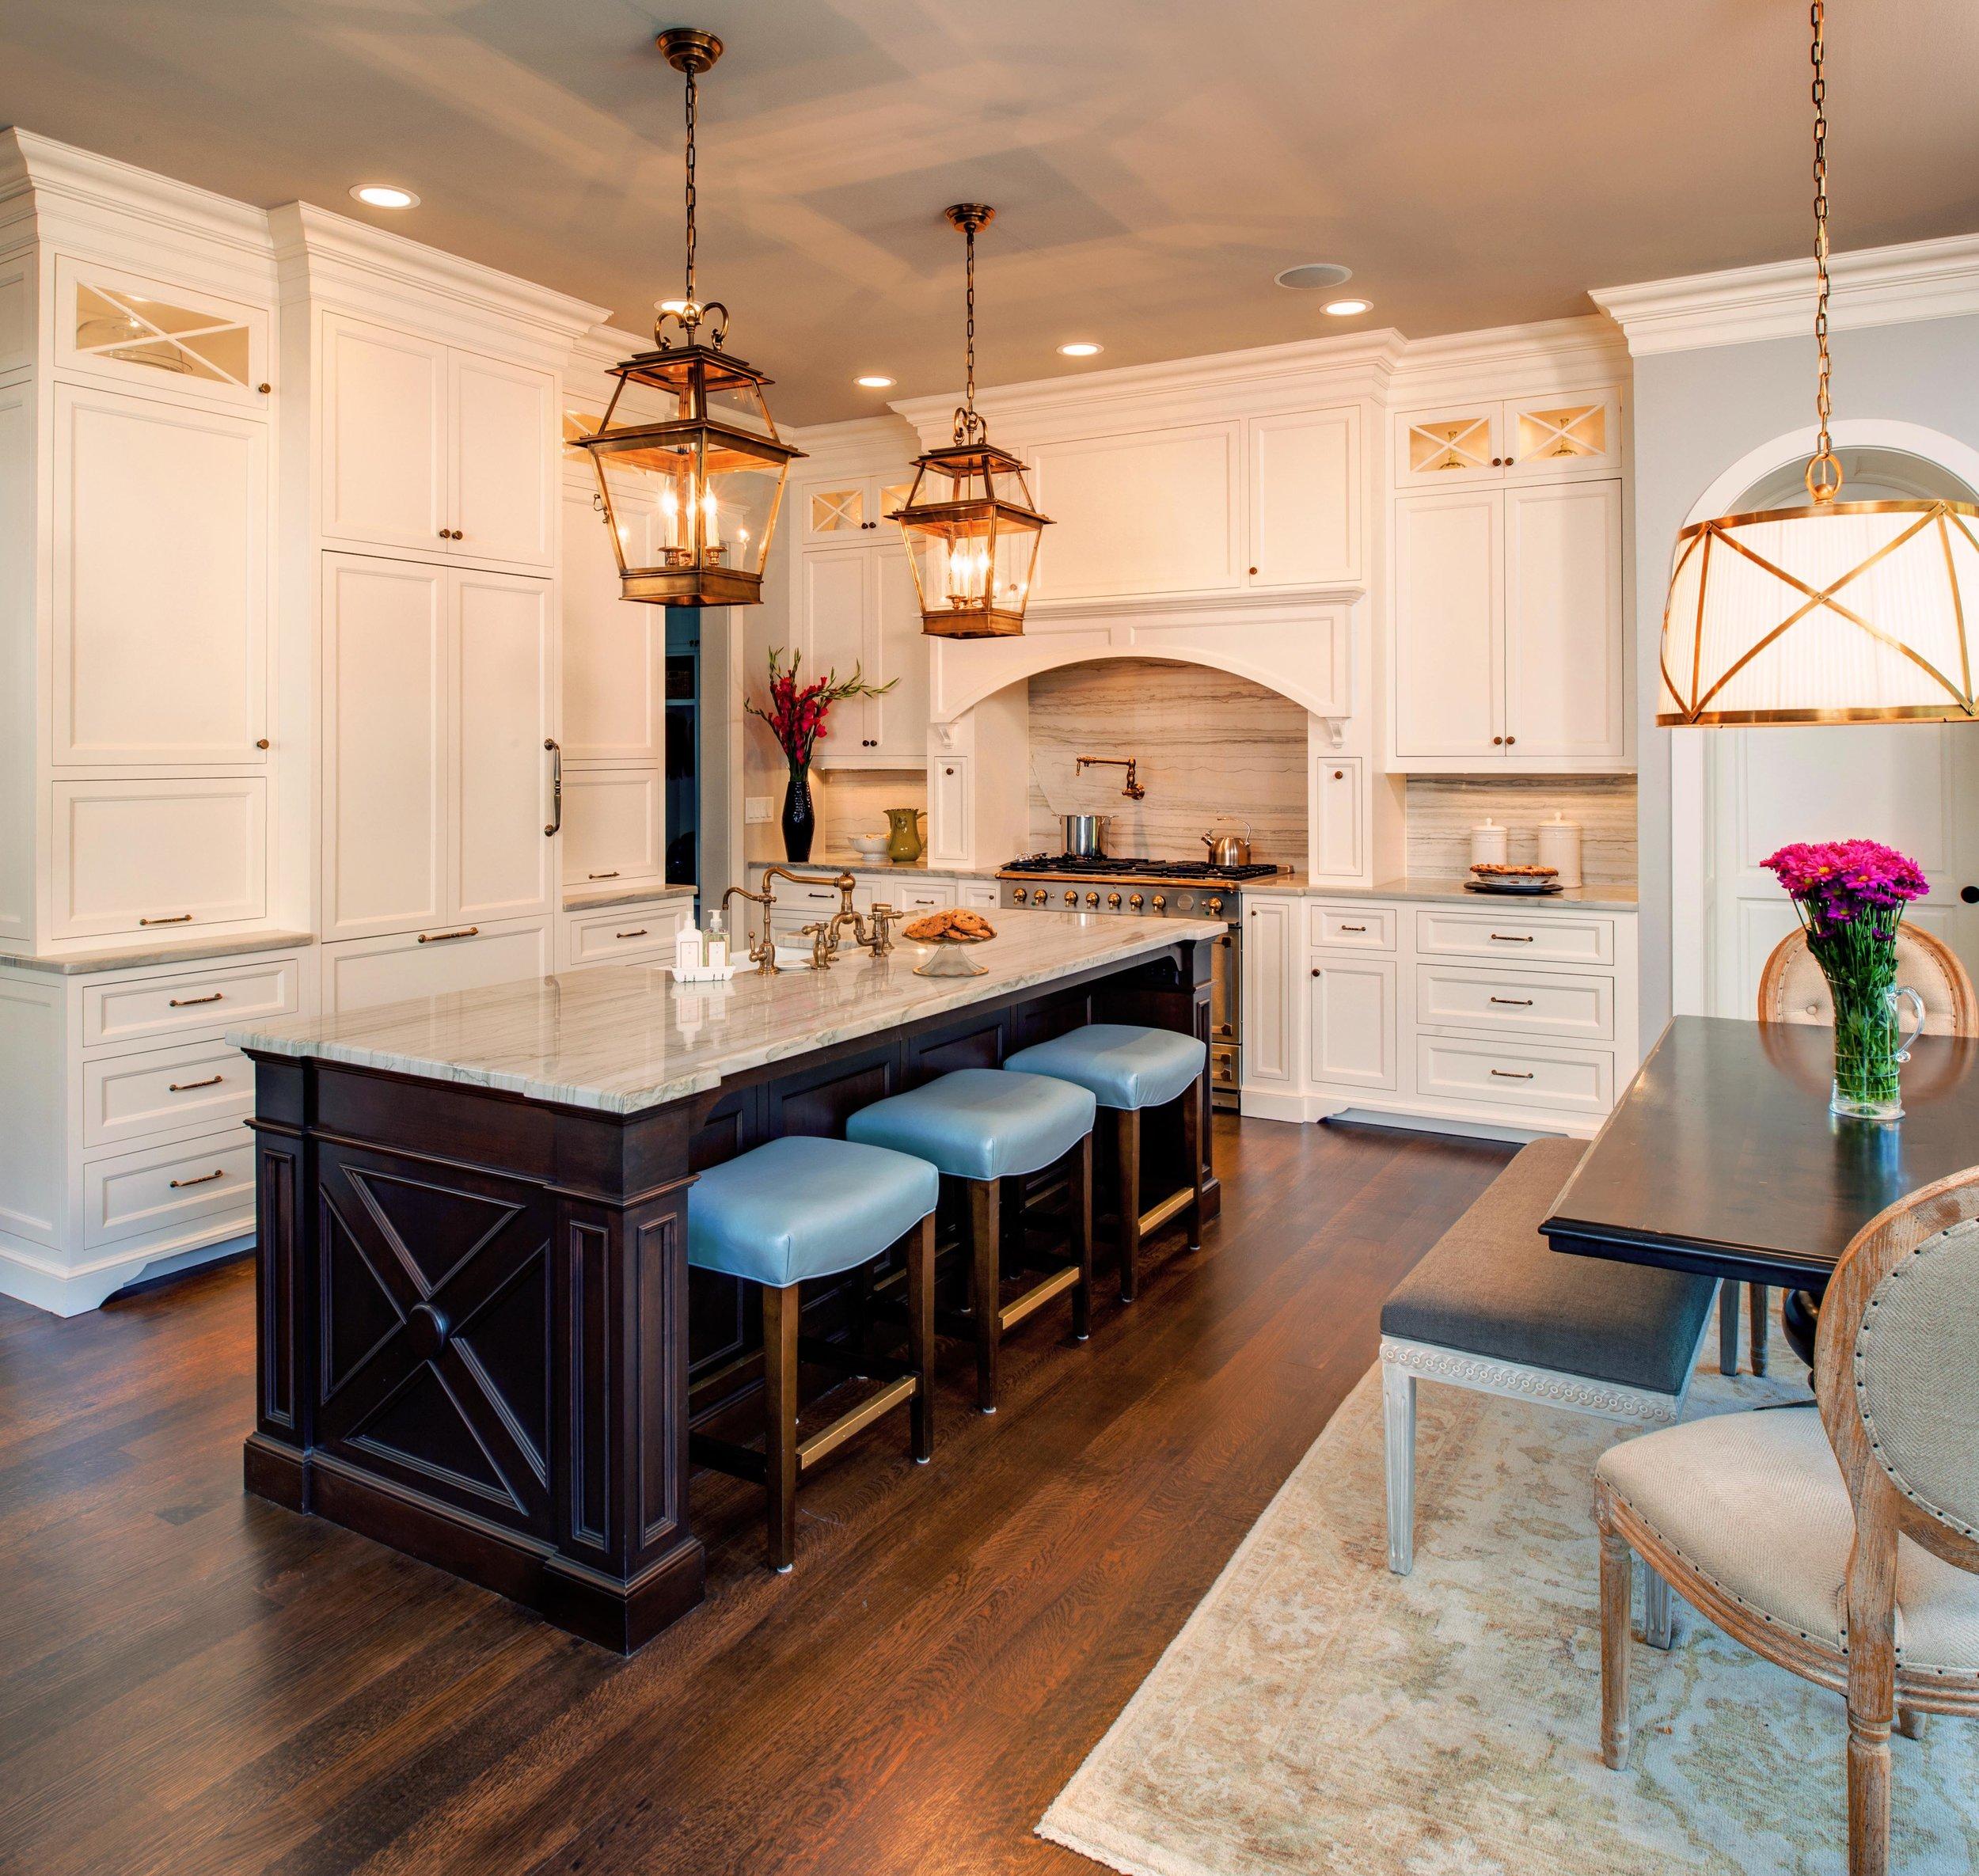 kitchen edit one.jpg